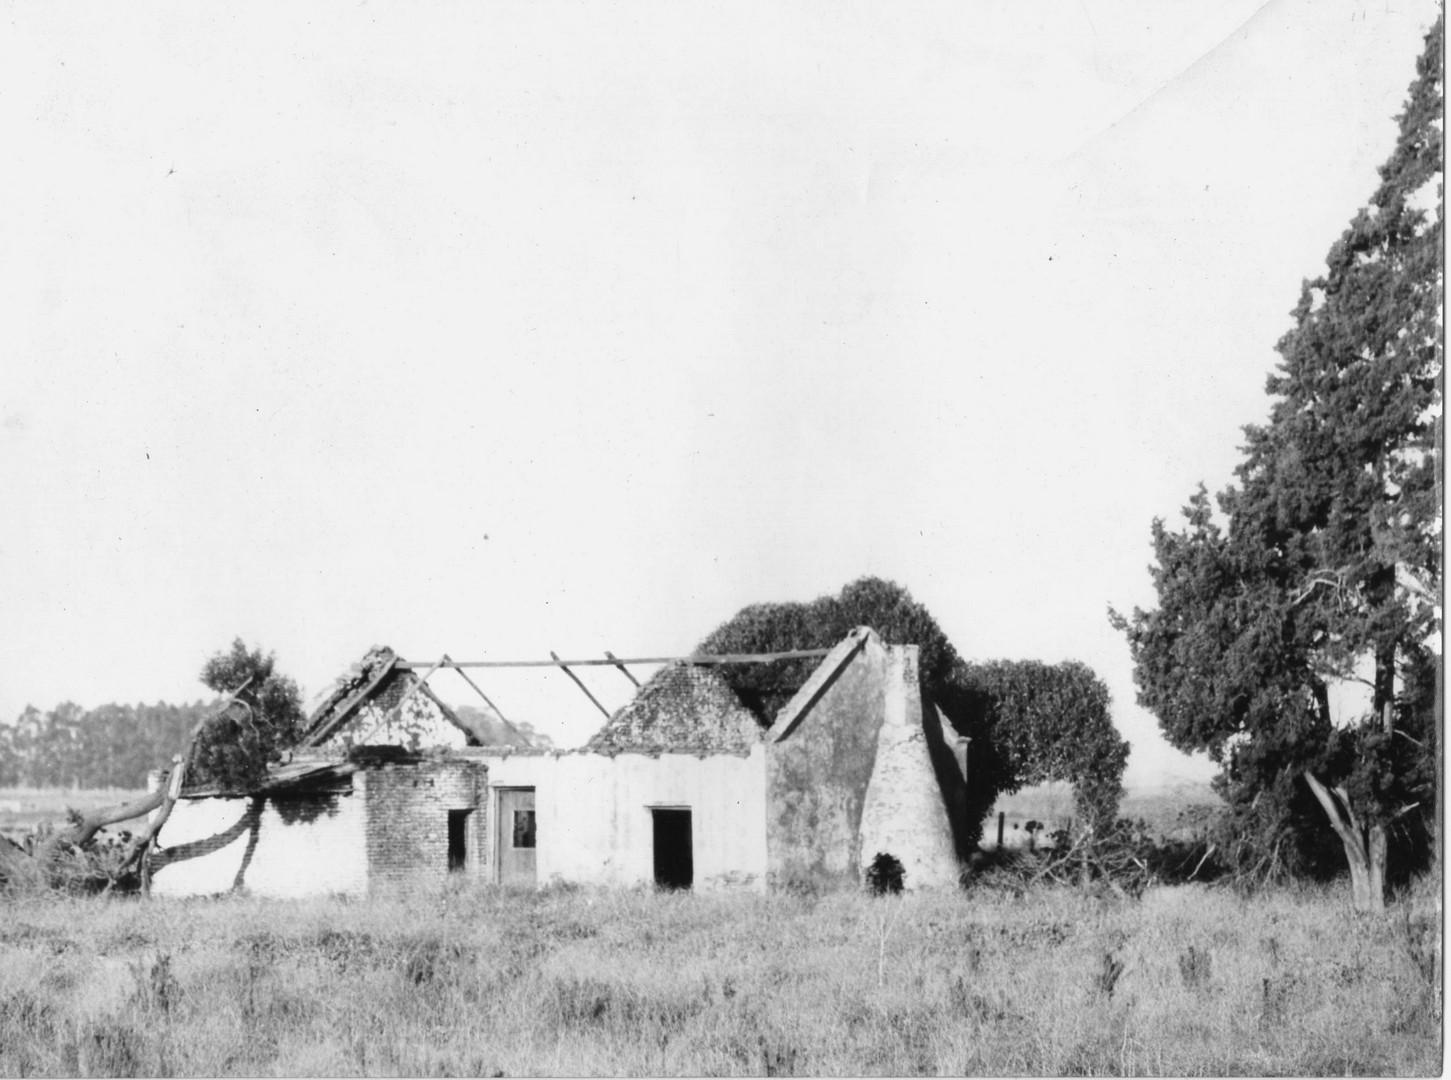 el rancho abandonado